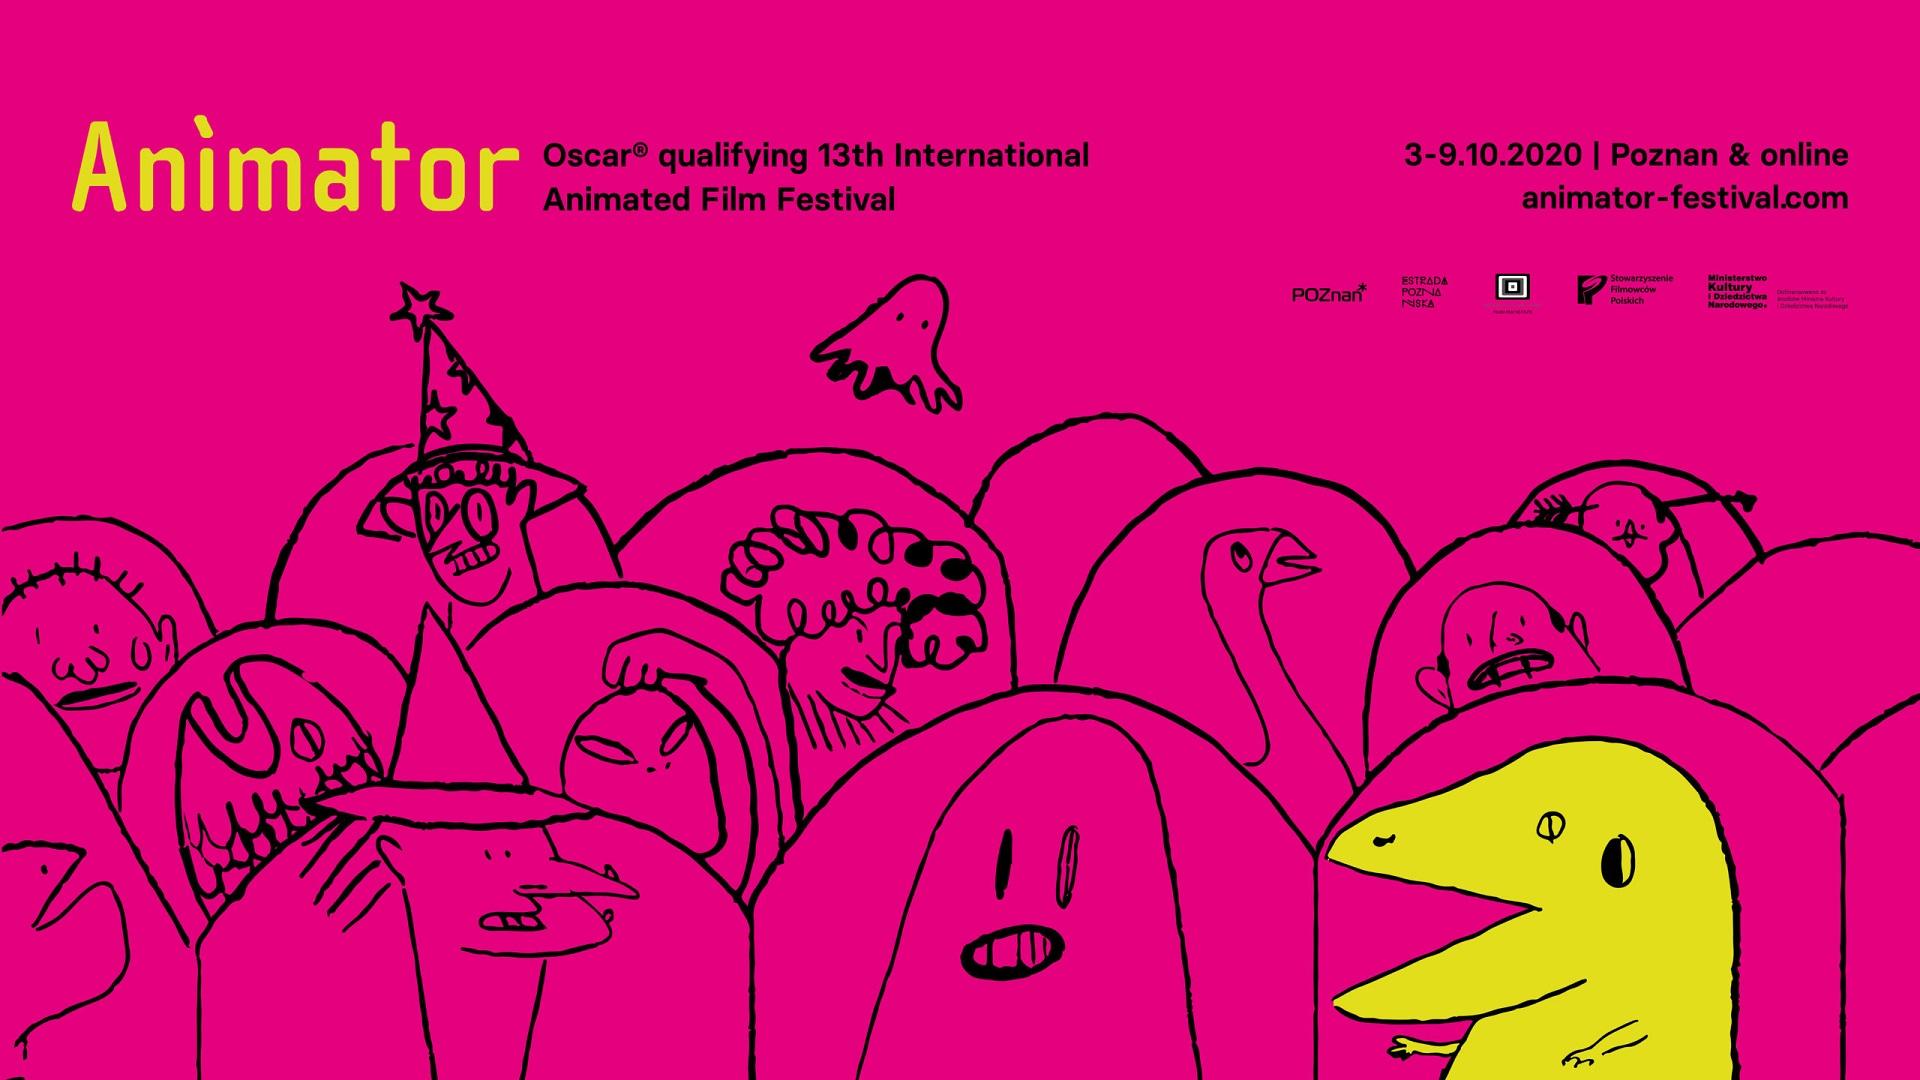 PCSS prowadzi obsługę festiwalu ANIMATOR 2020